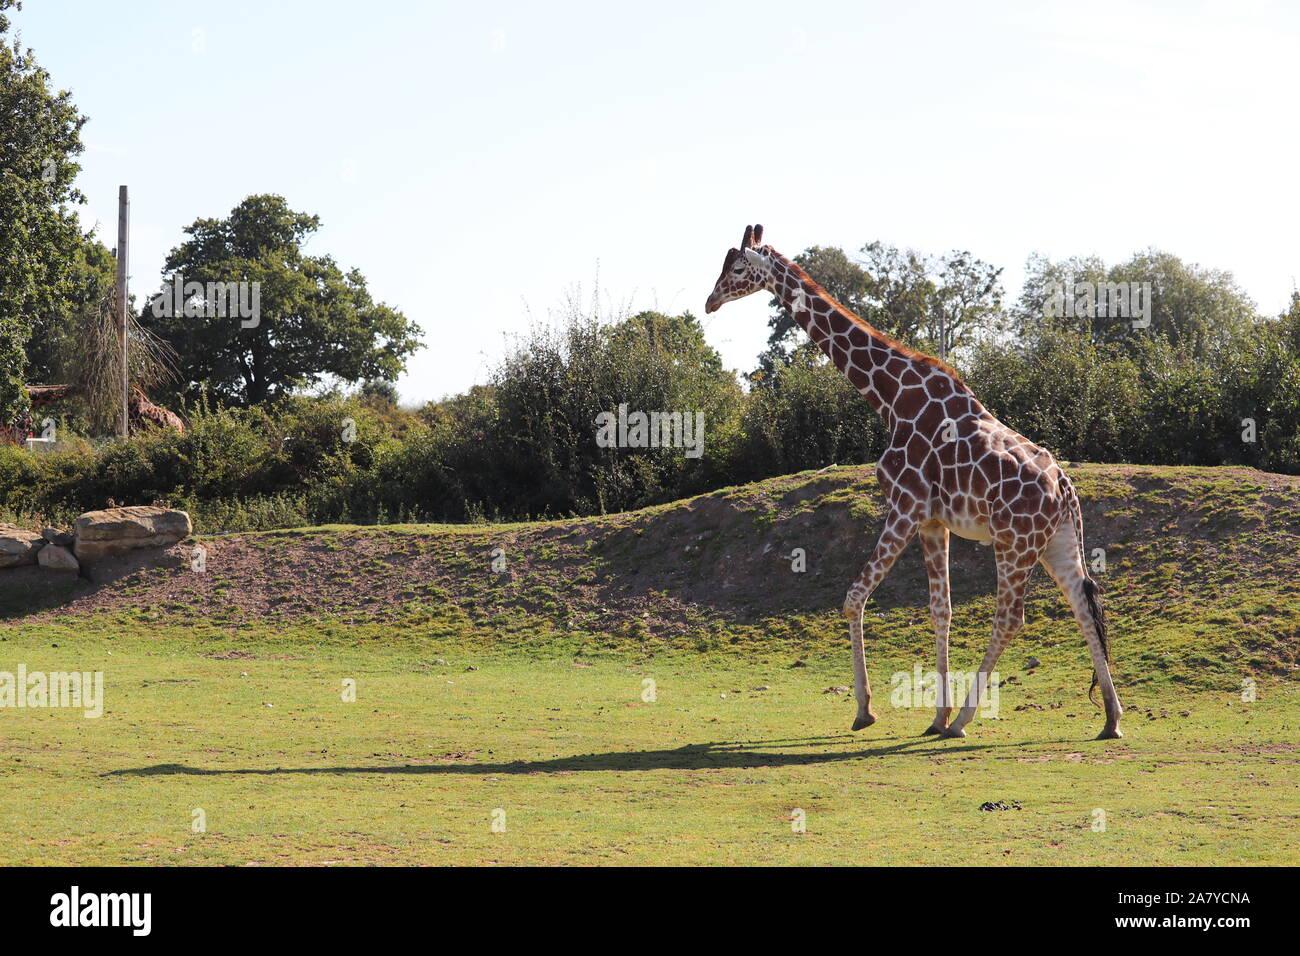 Maschio giraffa reticolata, Palle (Giraffa camelopardalis reticulata) Foto Stock